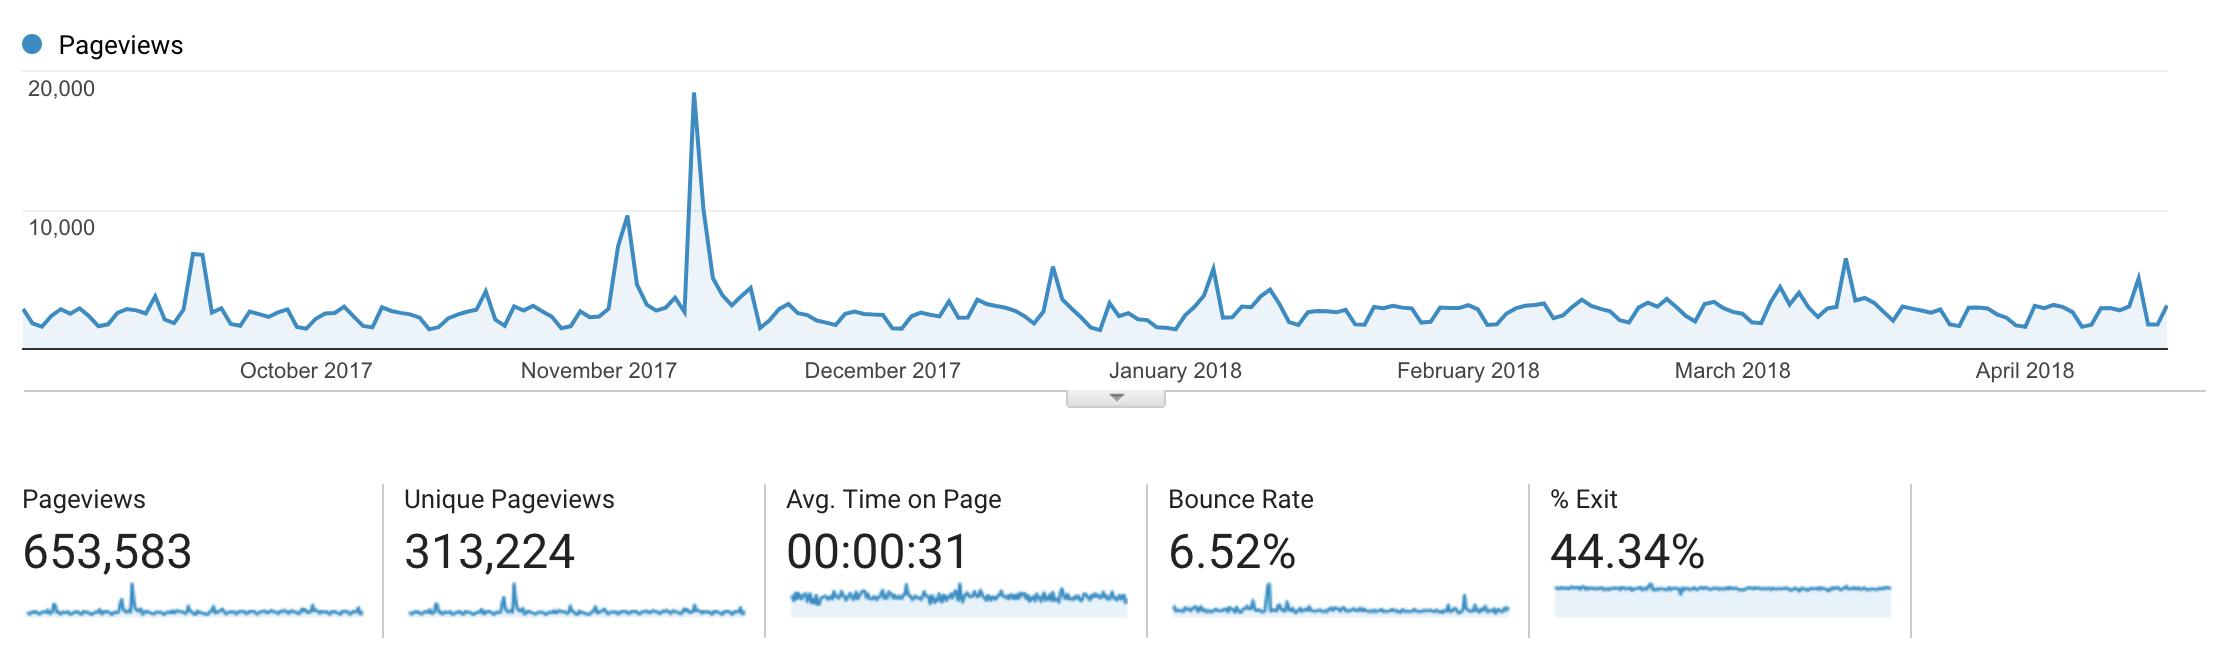 swizec.com traffic Sep 2017 to Apr 2018